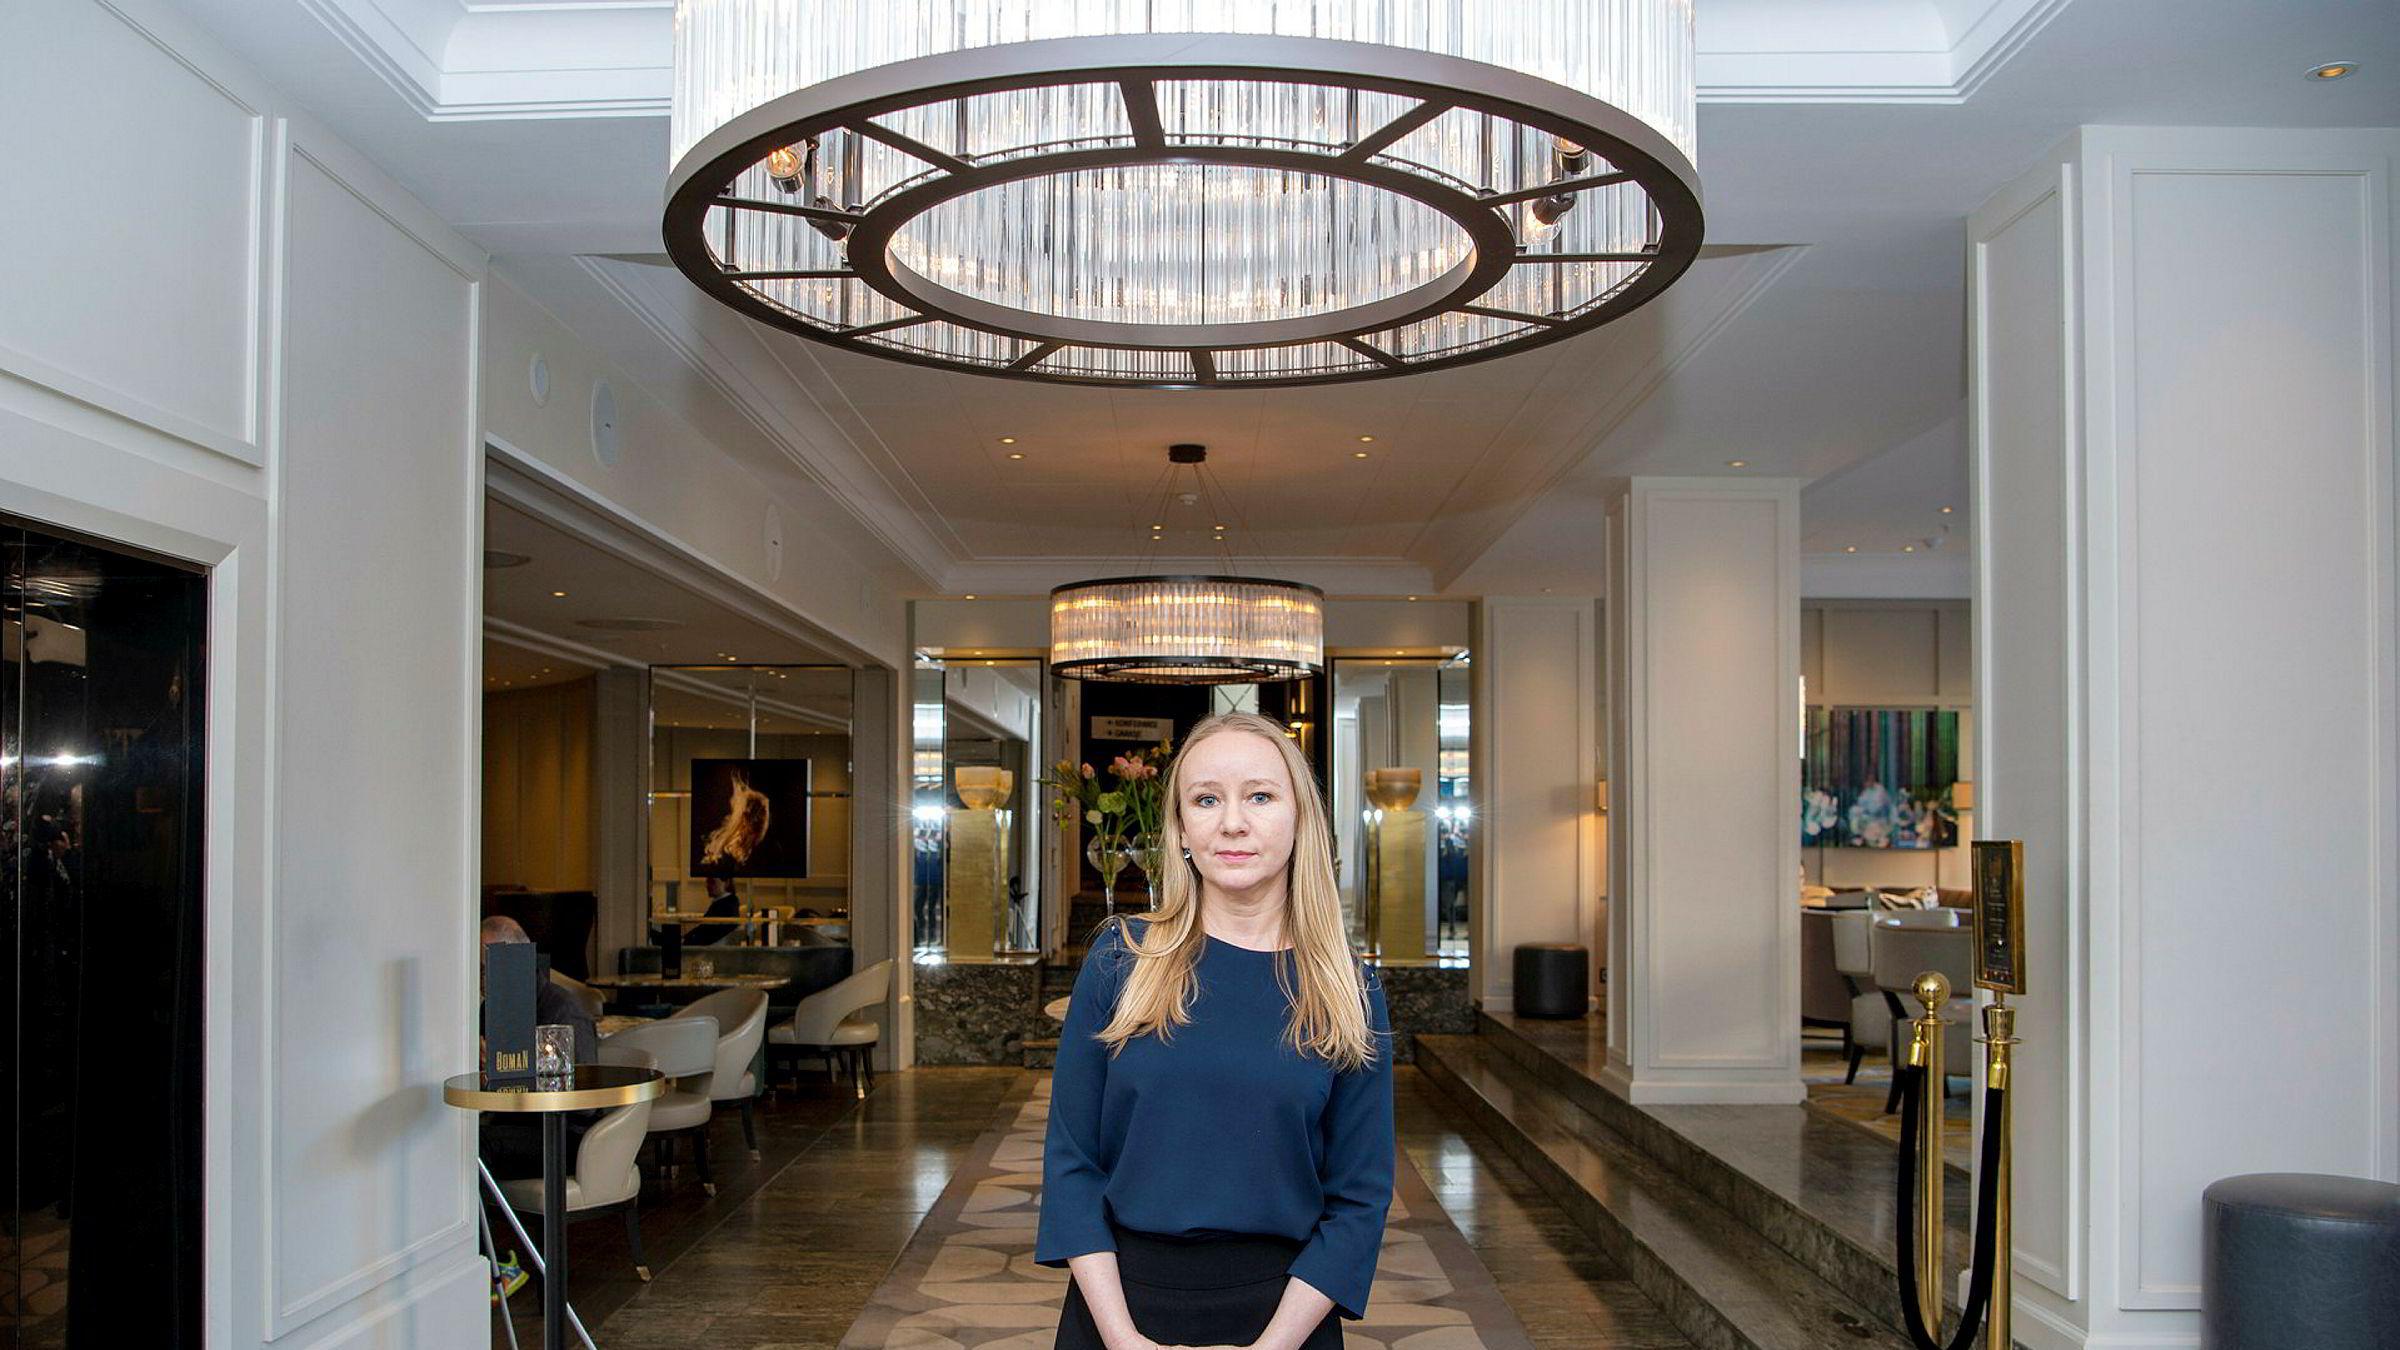 Det blir stadig stillere i resepsjonsområdet på det tradisjonsrike luksushotellet Continental i Oslo. Hotelldirektør Nina Brandanger må erkjenne at antall gjester nå er halvert og brorparten av rommene står tomme.